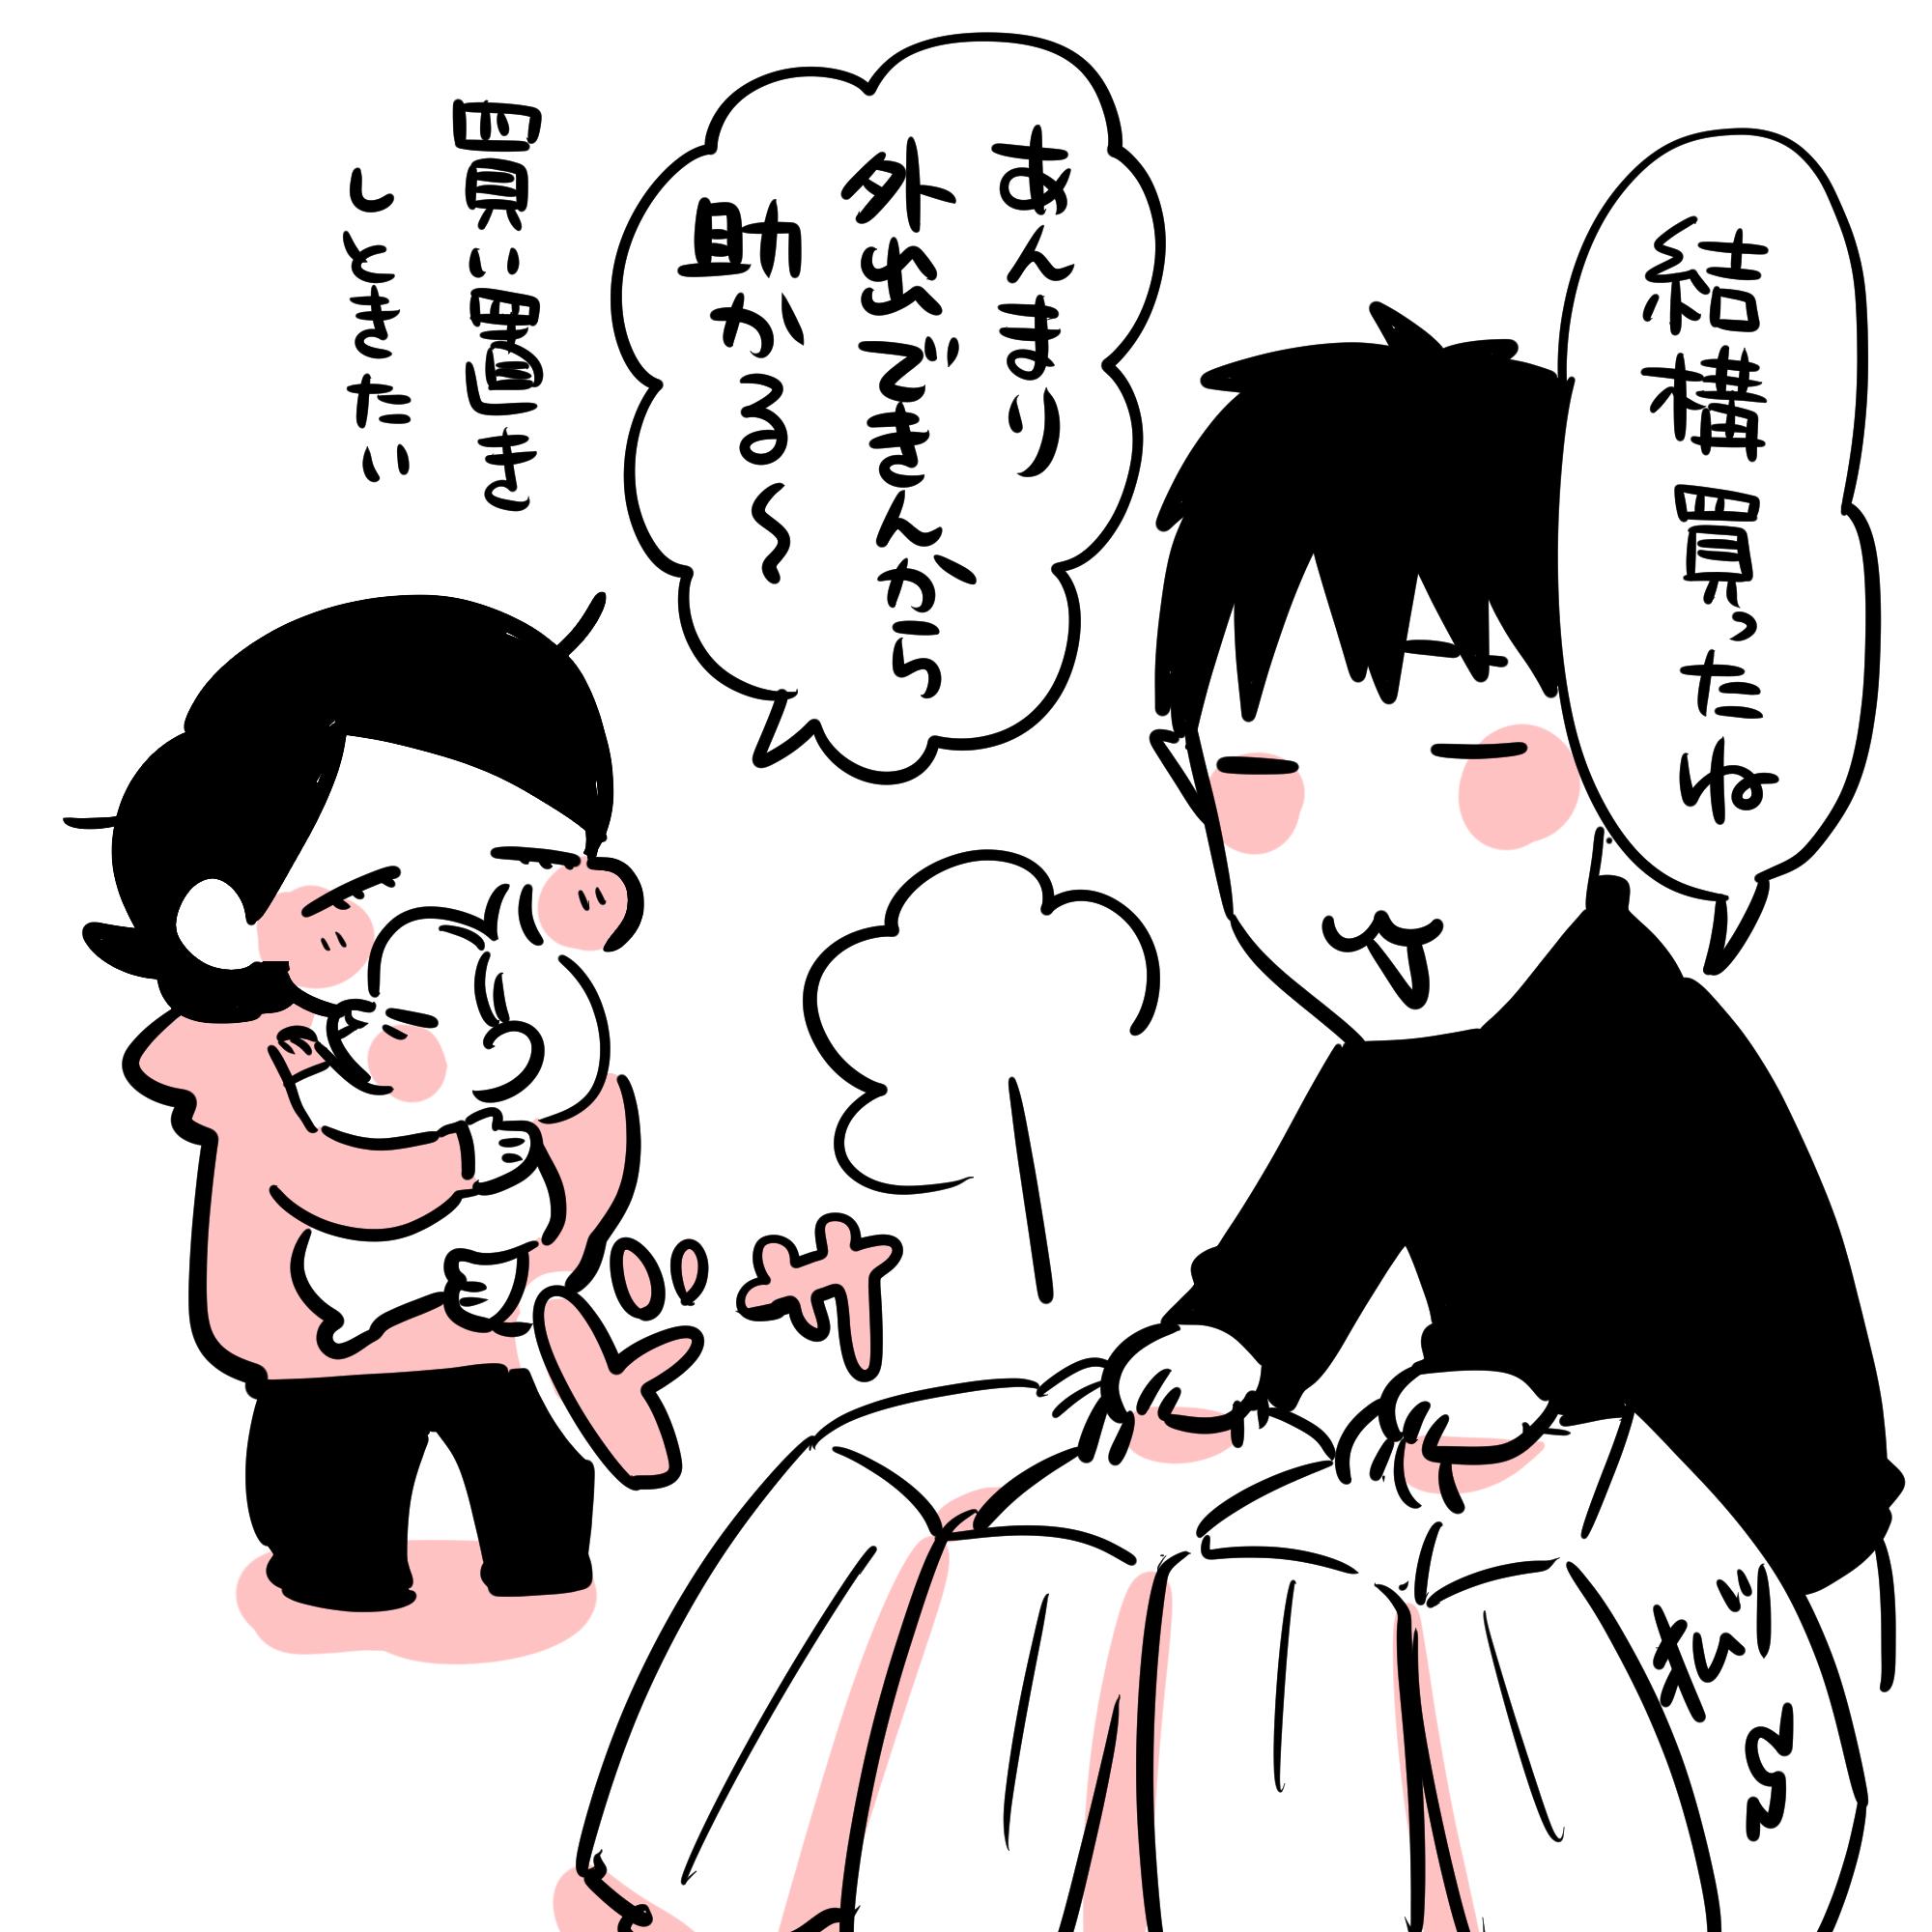 異次元のオムツ消費スピード!|ムチムチ!プニプニ!ちびたろ!#16